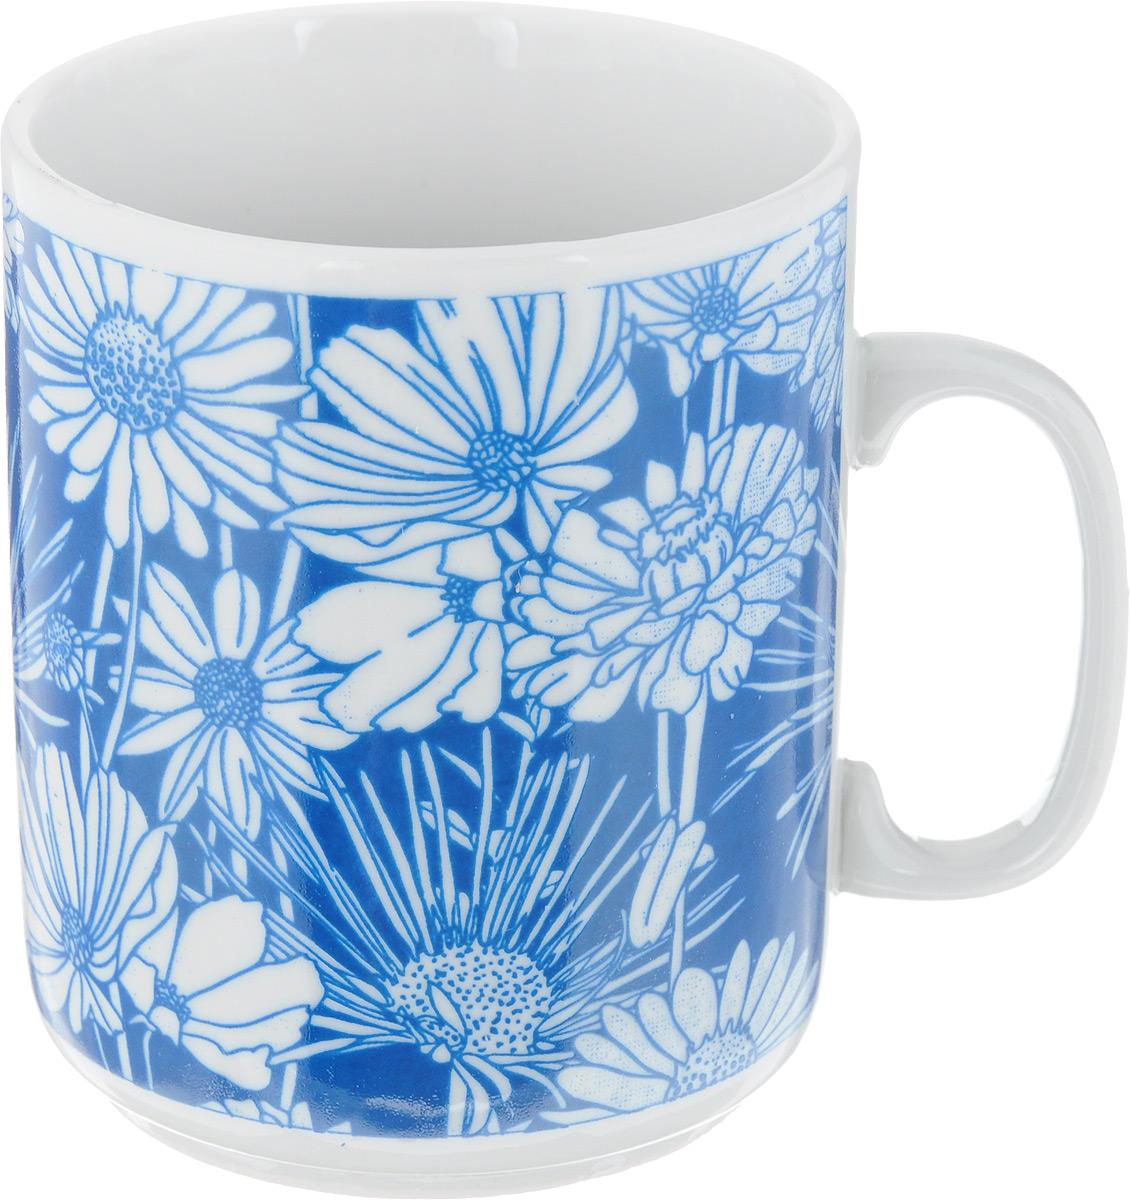 Кружка Фарфор Вербилок Цветочная поляна, цвет: темно-синий, 300 мл97948BTКружка Фарфор Вербилок Цветочная поляна способна скрасить любое чаепитие. Изделие выполнено из высококачественного фарфора. Посуда из такого материала позволяет сохранить истинный вкус напитка, а также помогает ему дольше оставаться теплым.Диаметр кружки (по верхнему краю): 8 см.Высота кружки: 9,5 см.